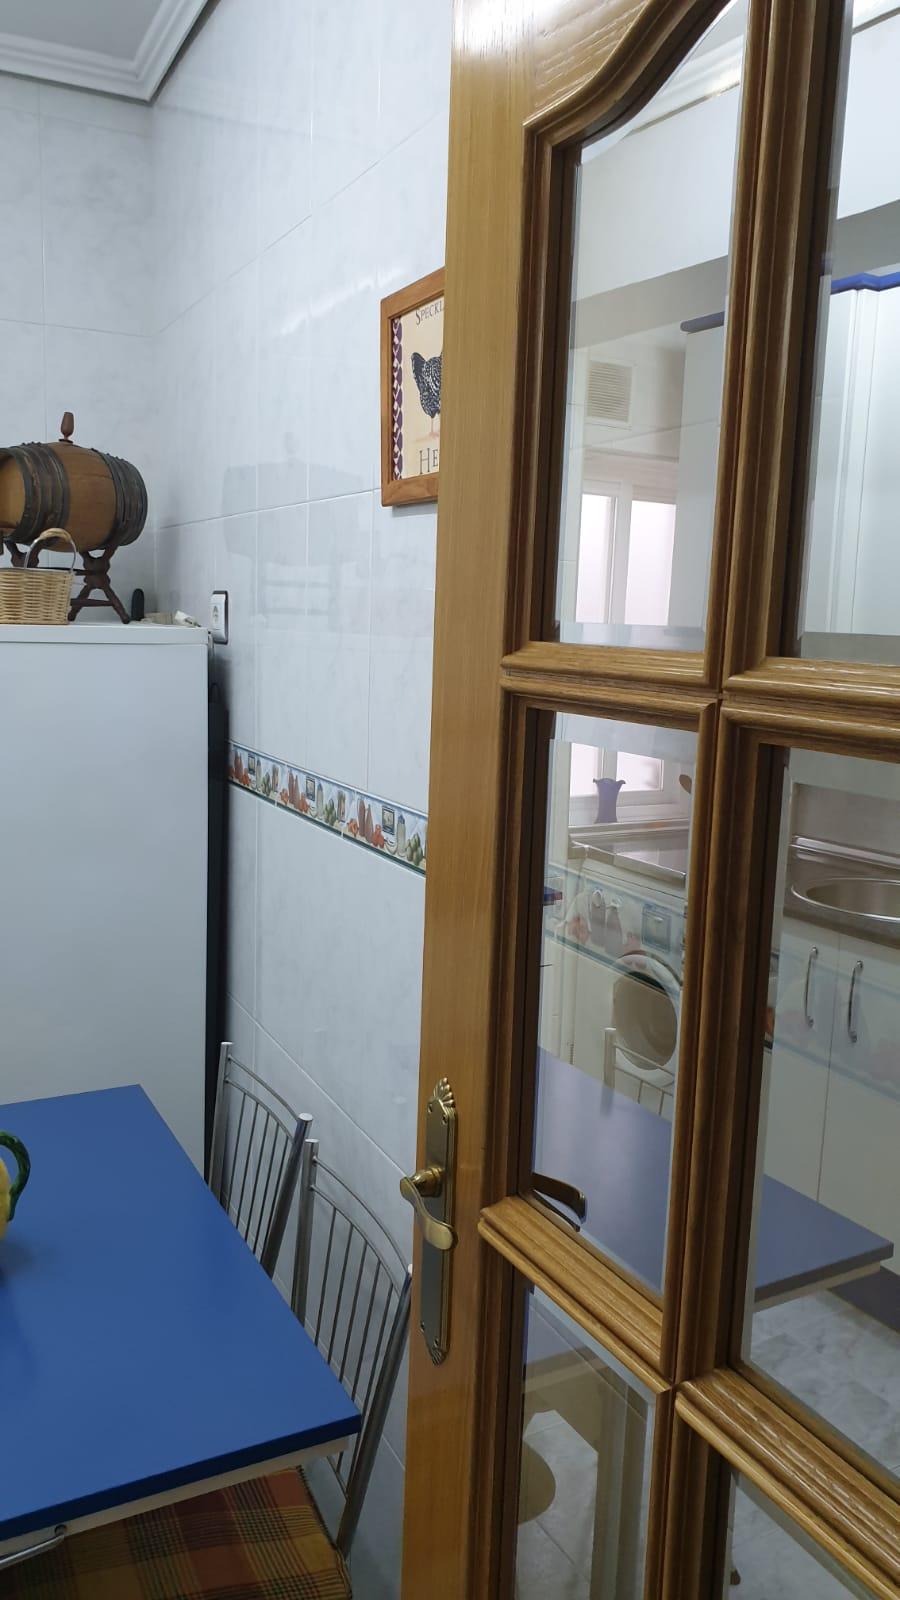 Piso de tres dormitorios junto a corte inglés (REF: 26) - foto 3 d01ce425-e9b5-467d-a9a3-7eb1a7c8af4e.jpg